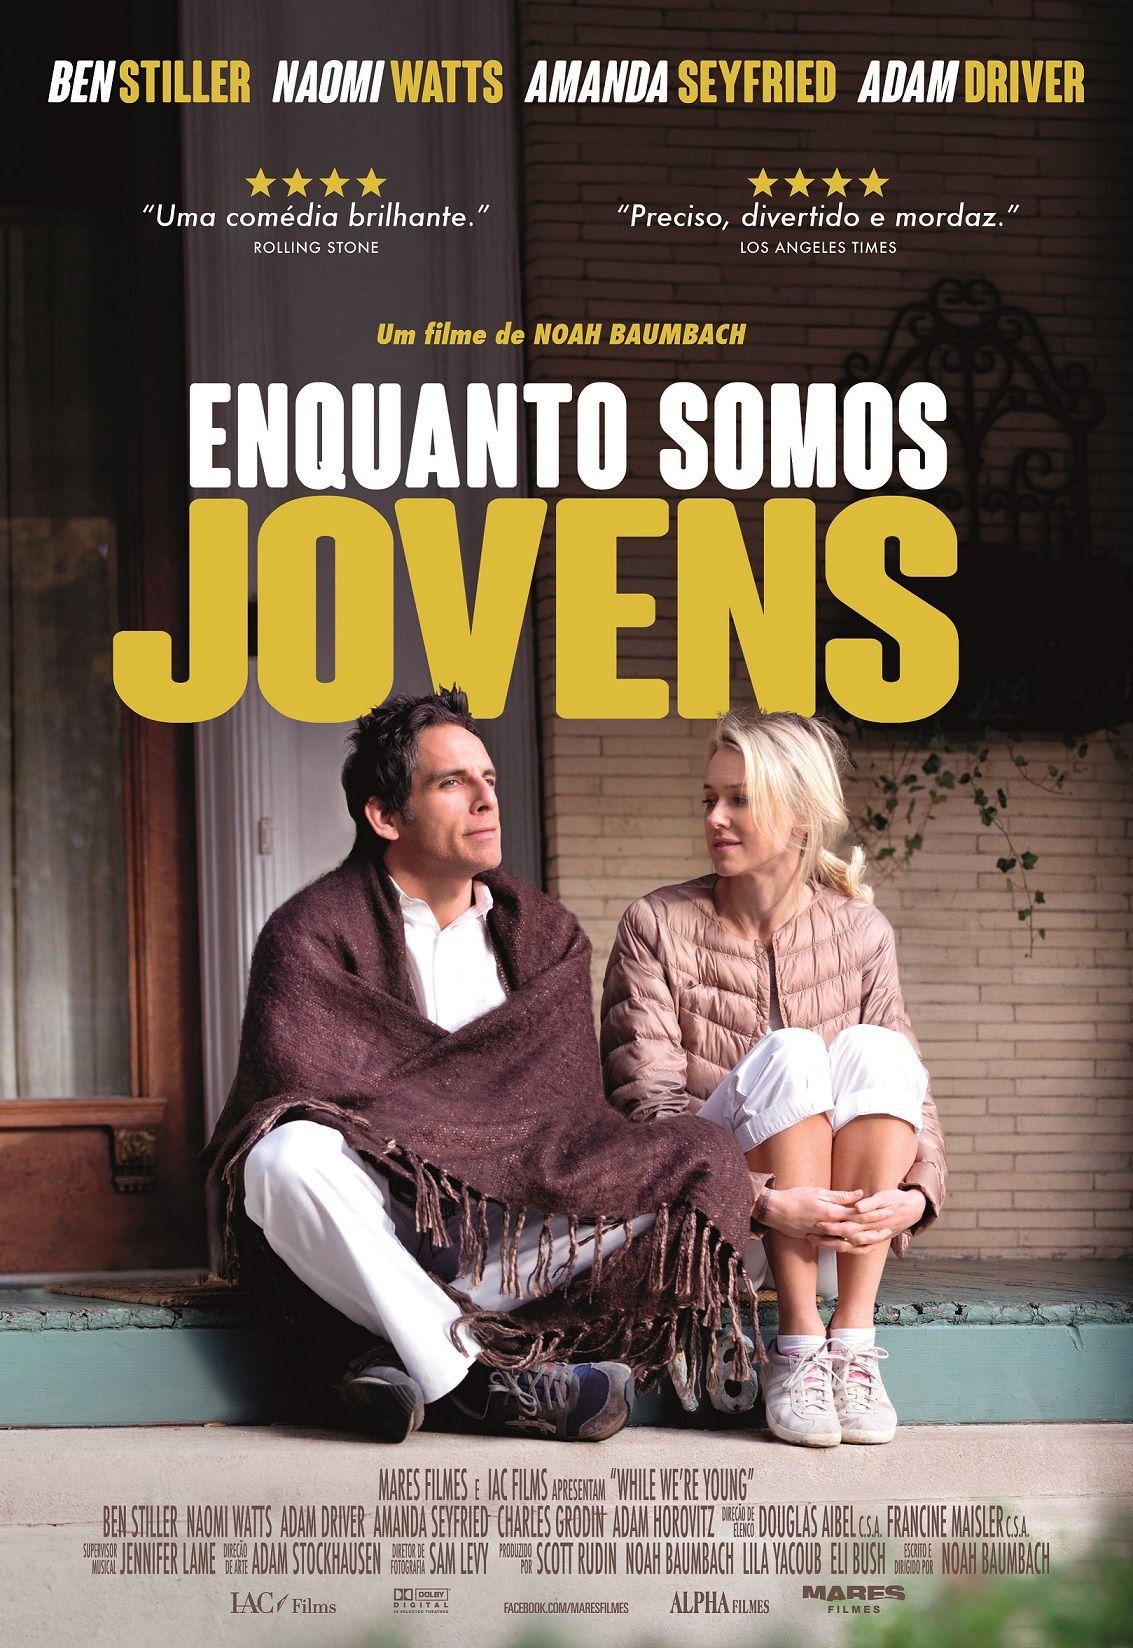 Um Filme De Noah Baumbach Com Ben Stiller Naomi Watts Adam Driver Amanda Seyfried Cornelia Naomi Watts E Josh S Filmes Mega Filmes Online Melhores Filmes